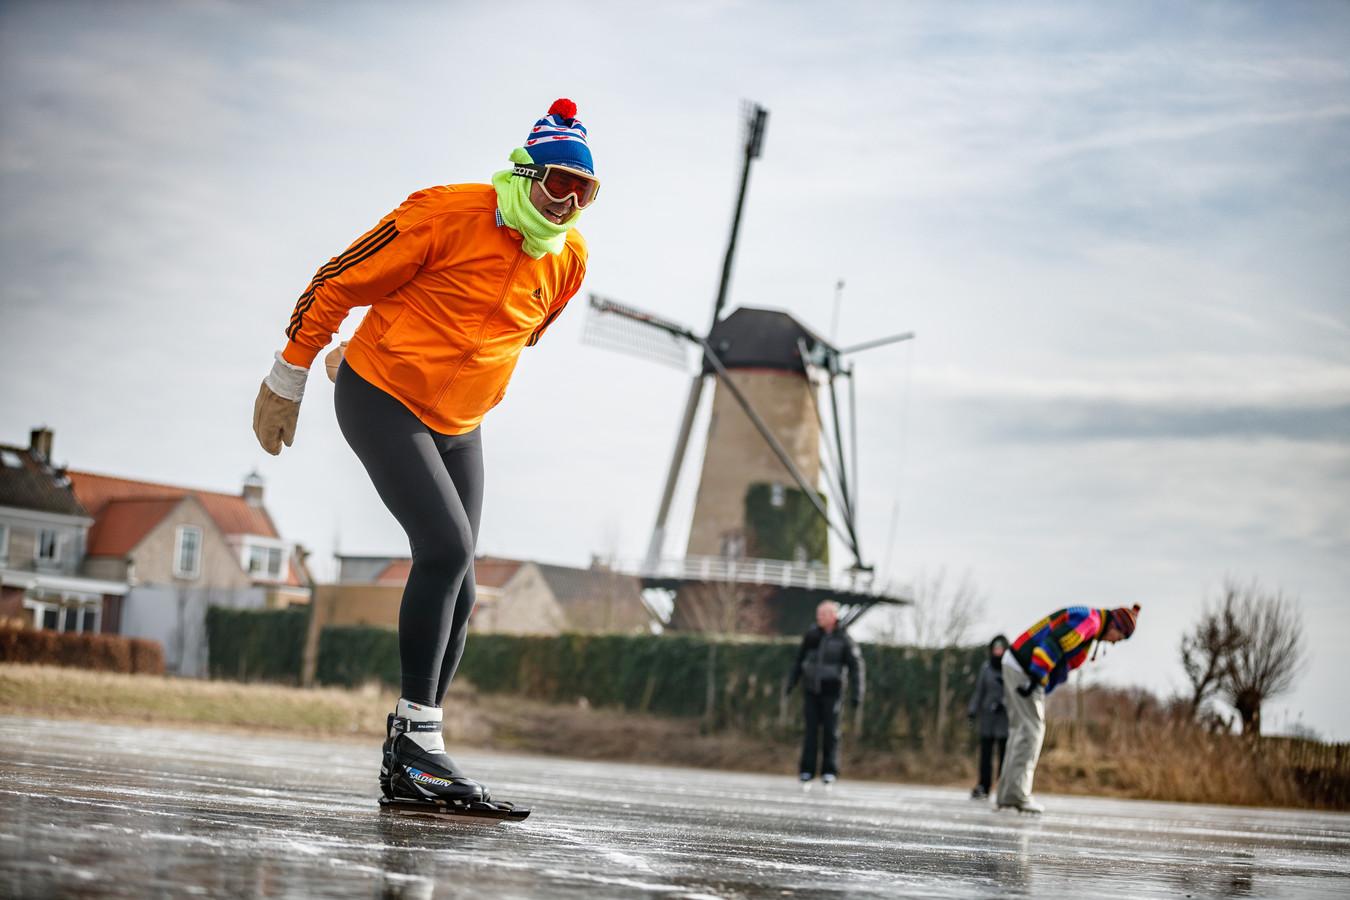 Harry Bakker, hier twee jaar geleden op de ijsbaan in Terheijden, heeft de schaatsen weer uit het vet gehaald. Ook al zit die tocht in Friesland er niet in. ,,Maar schaatsen kan je op veel plaatsen.''